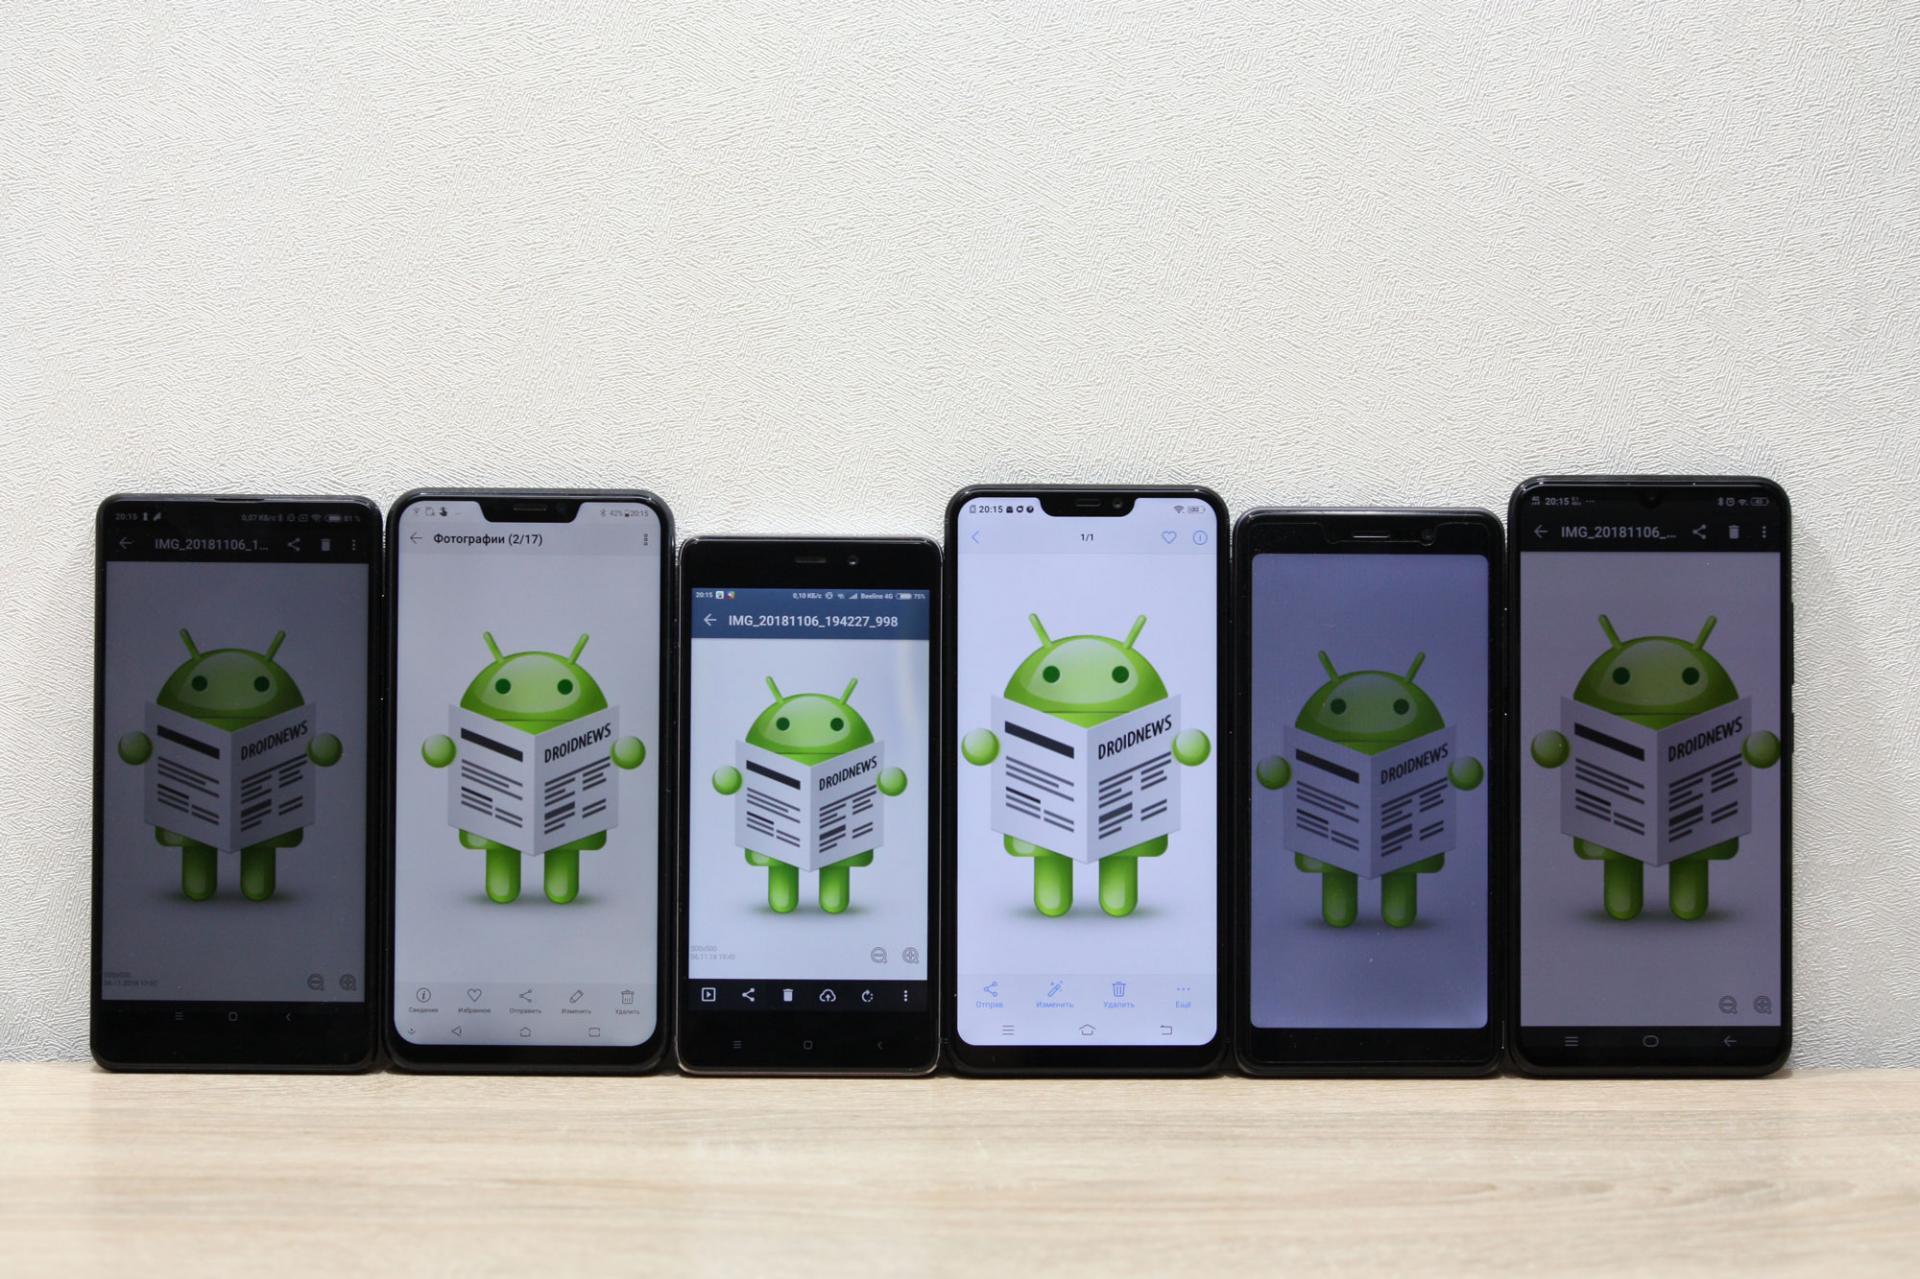 Какие самые популярные смартфоны 36 недели 2019 года?